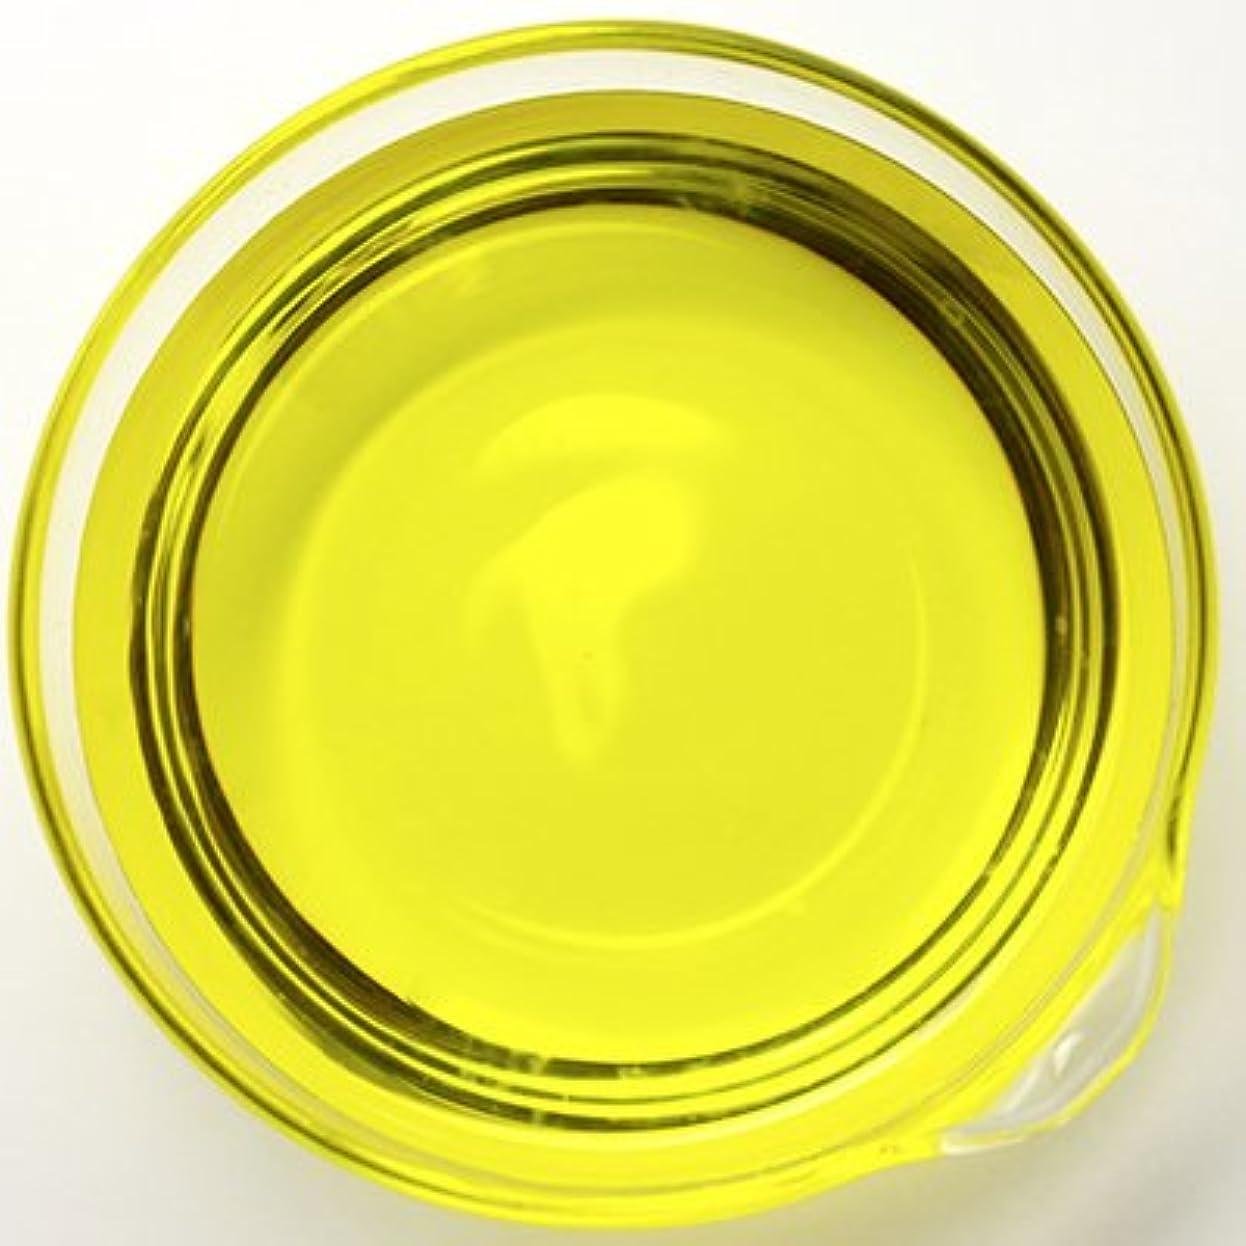 必需品牛雰囲気オーガニック ボリジオイル [ボラージオイル] 1L 【ルリヂシャ油/手作りコスメ/美容オイル/キャリアオイル/マッサージオイル】